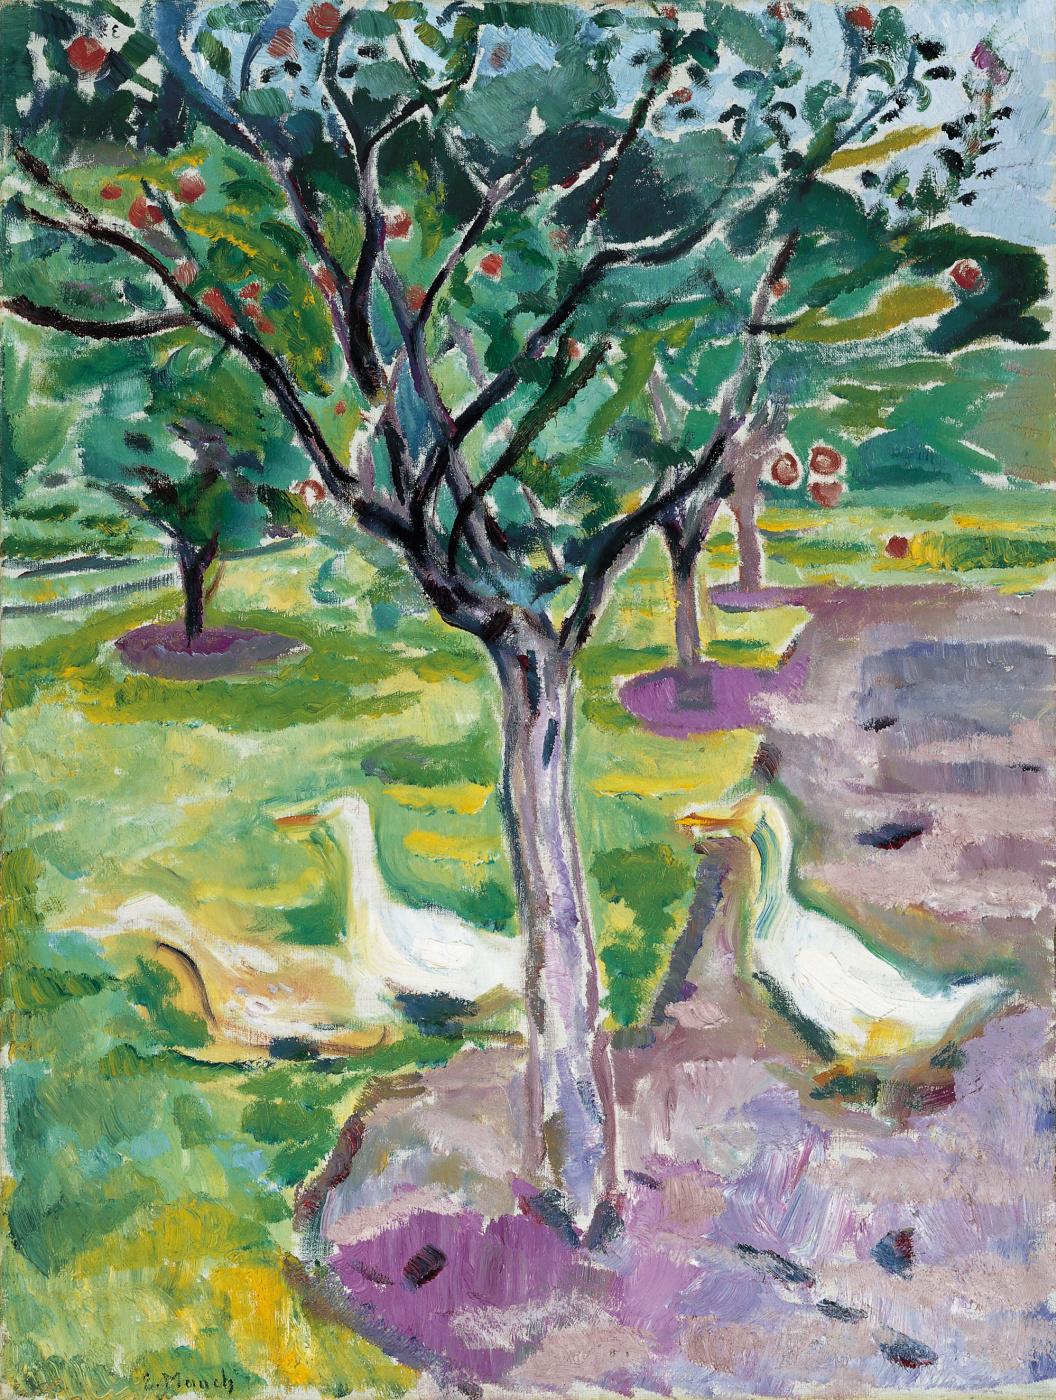 Edward Munch. Geese in the garden